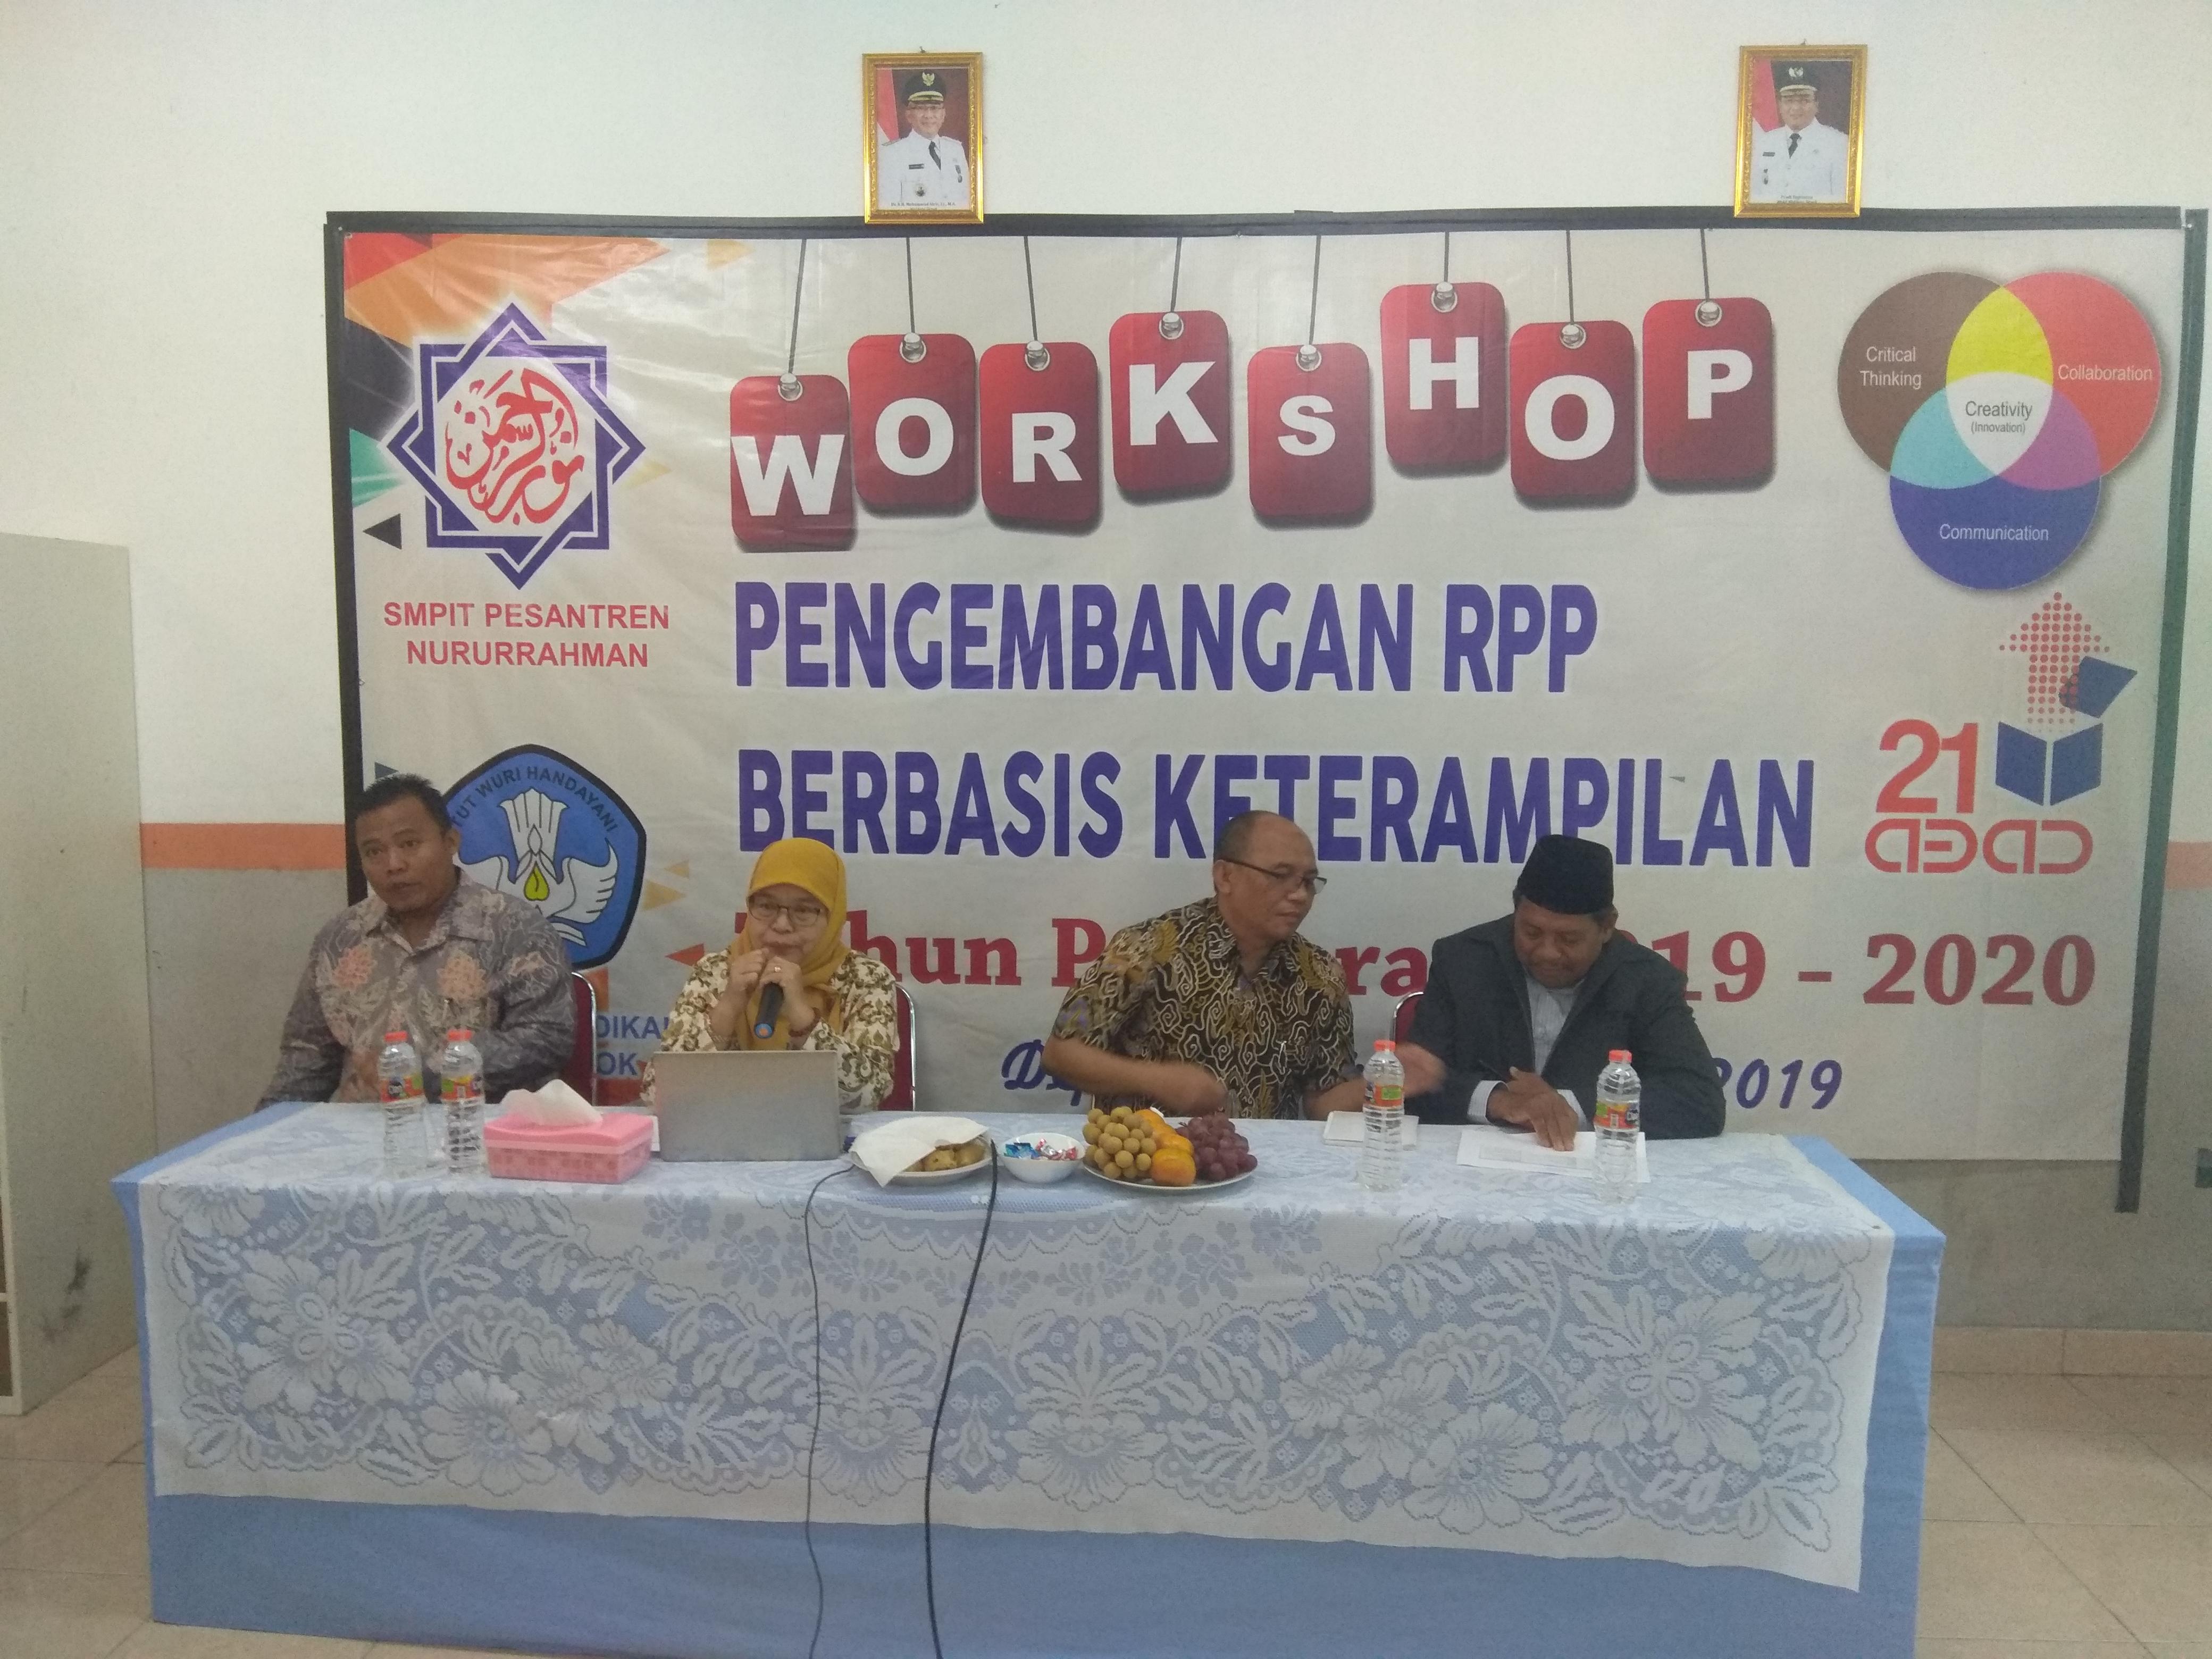 Workshop Pengembangan Bahan Pembelajaran Berbasis Keterampilan Abad 21 di SMPIT Nururrahman